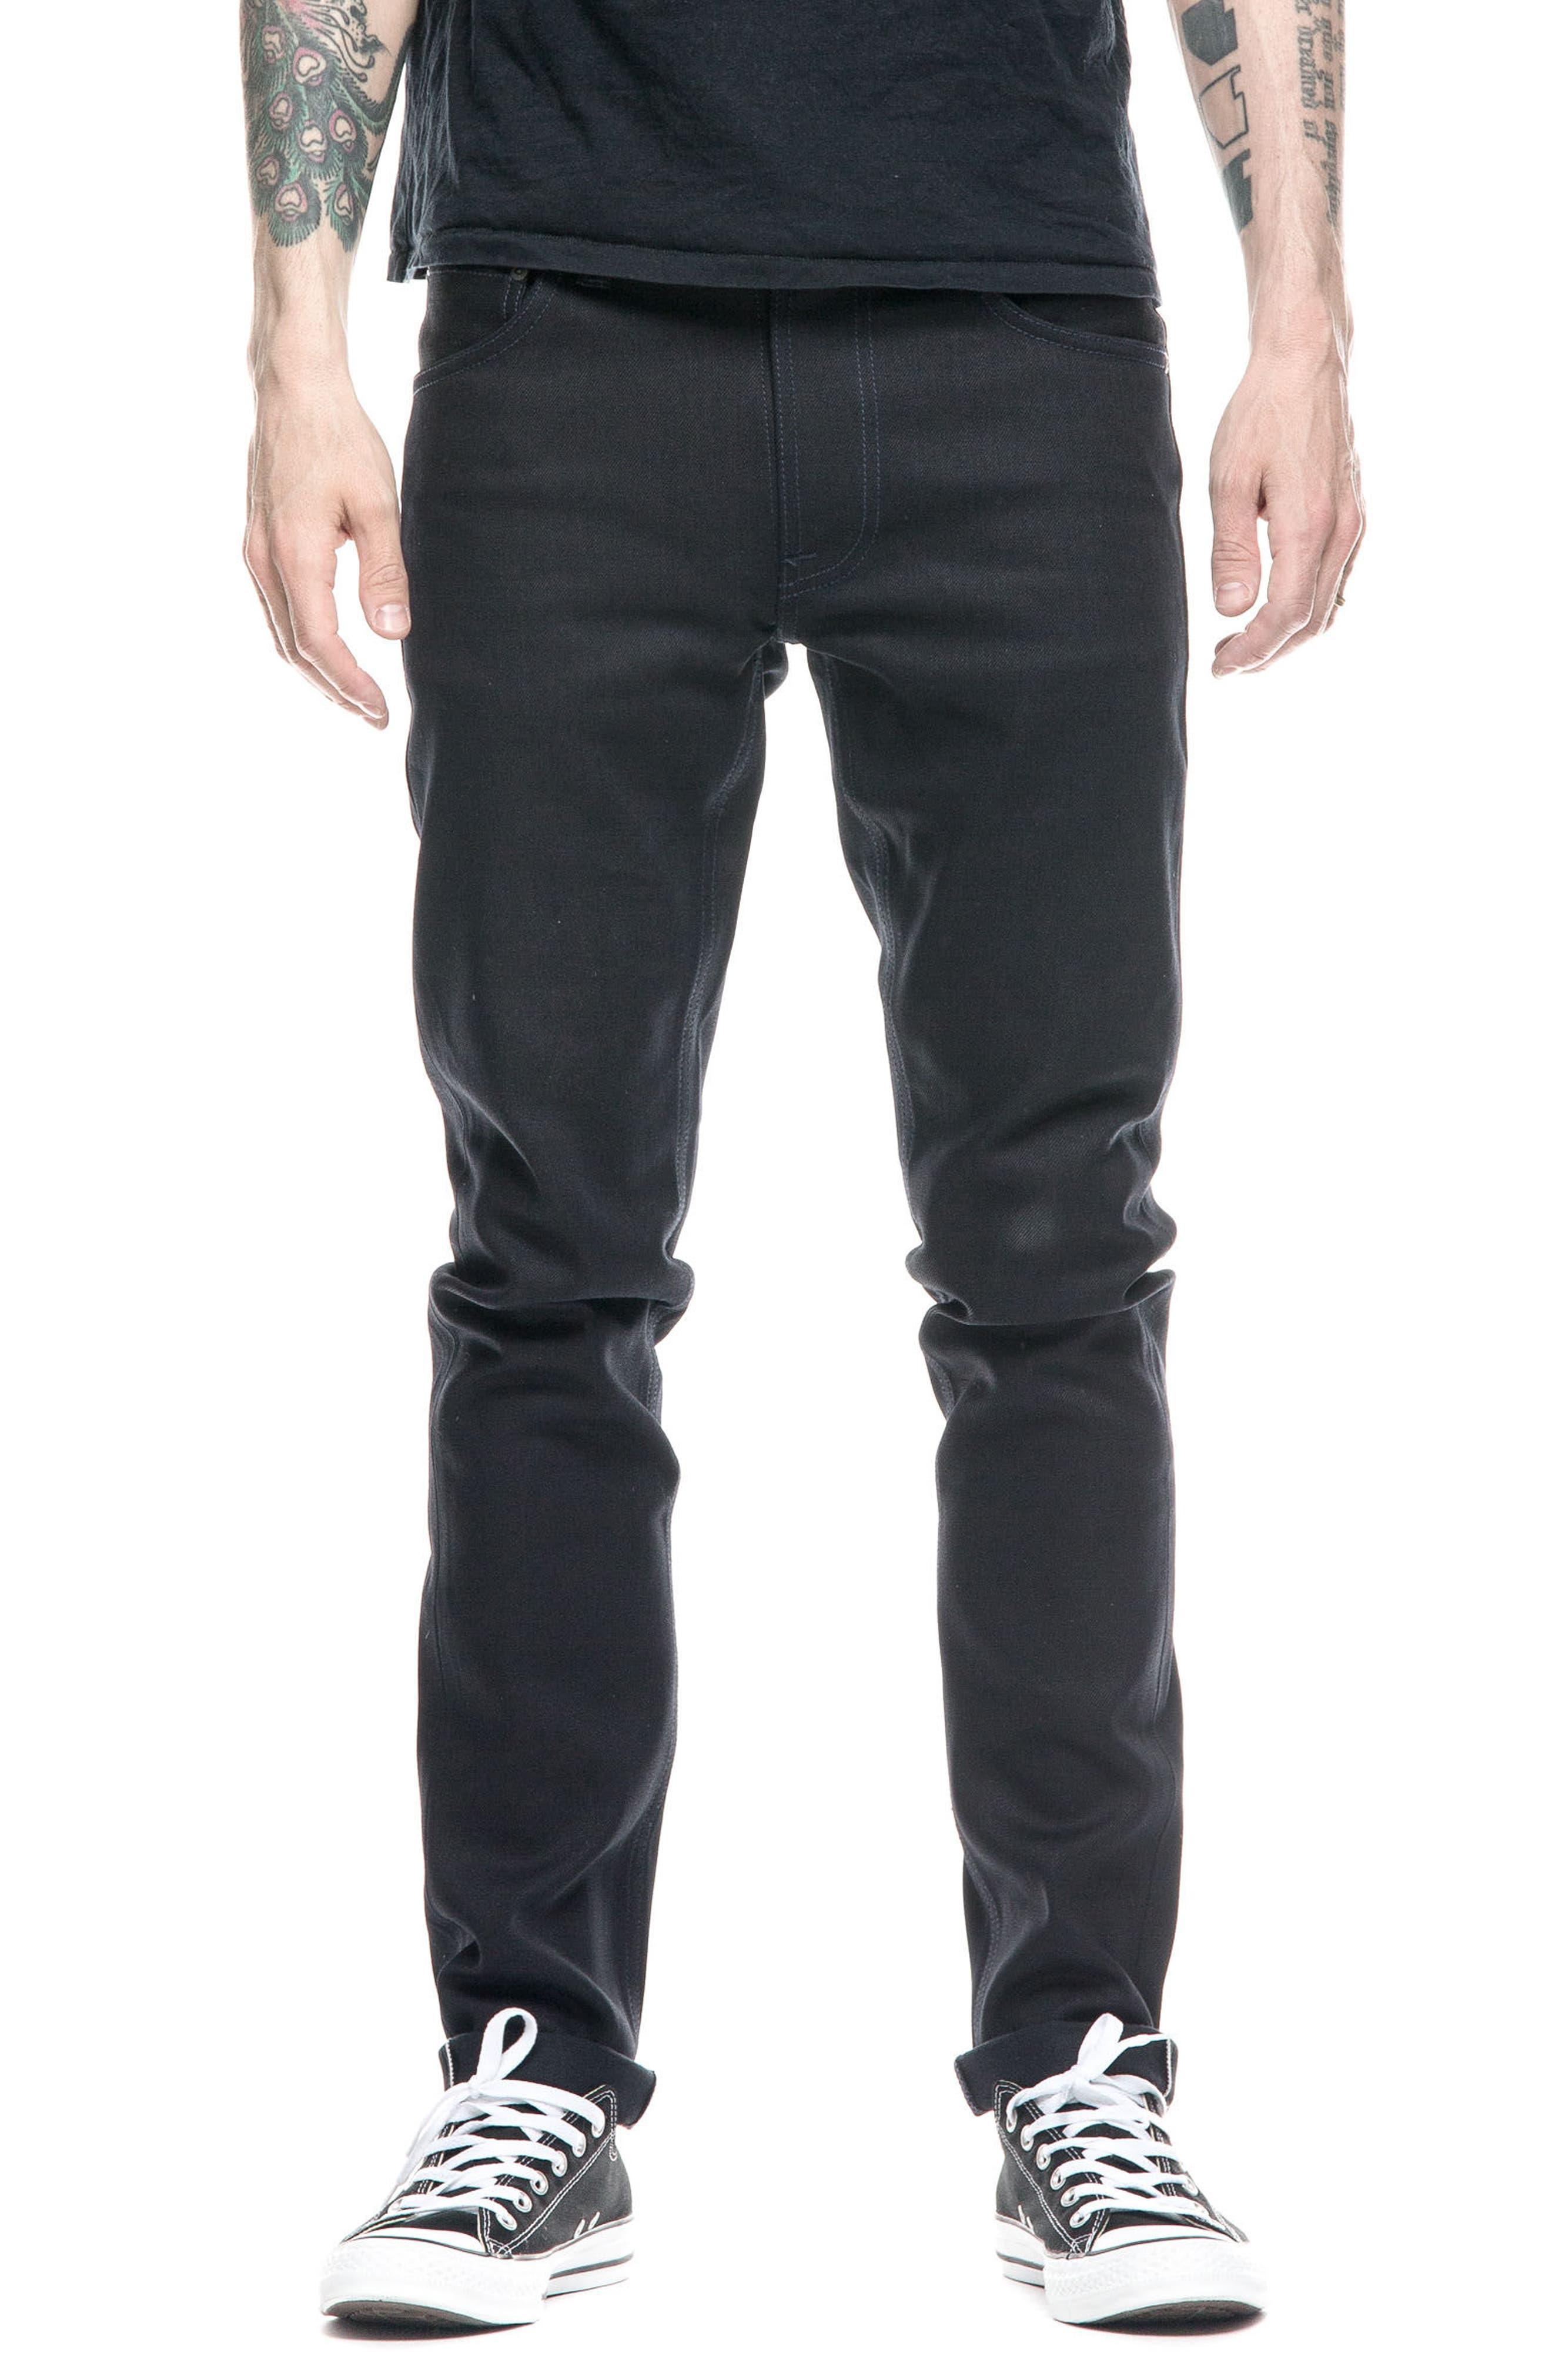 Nudie Jeans Lean Dean Slouchy Skinny Fit Jeans (Dry Deep Selvedge)